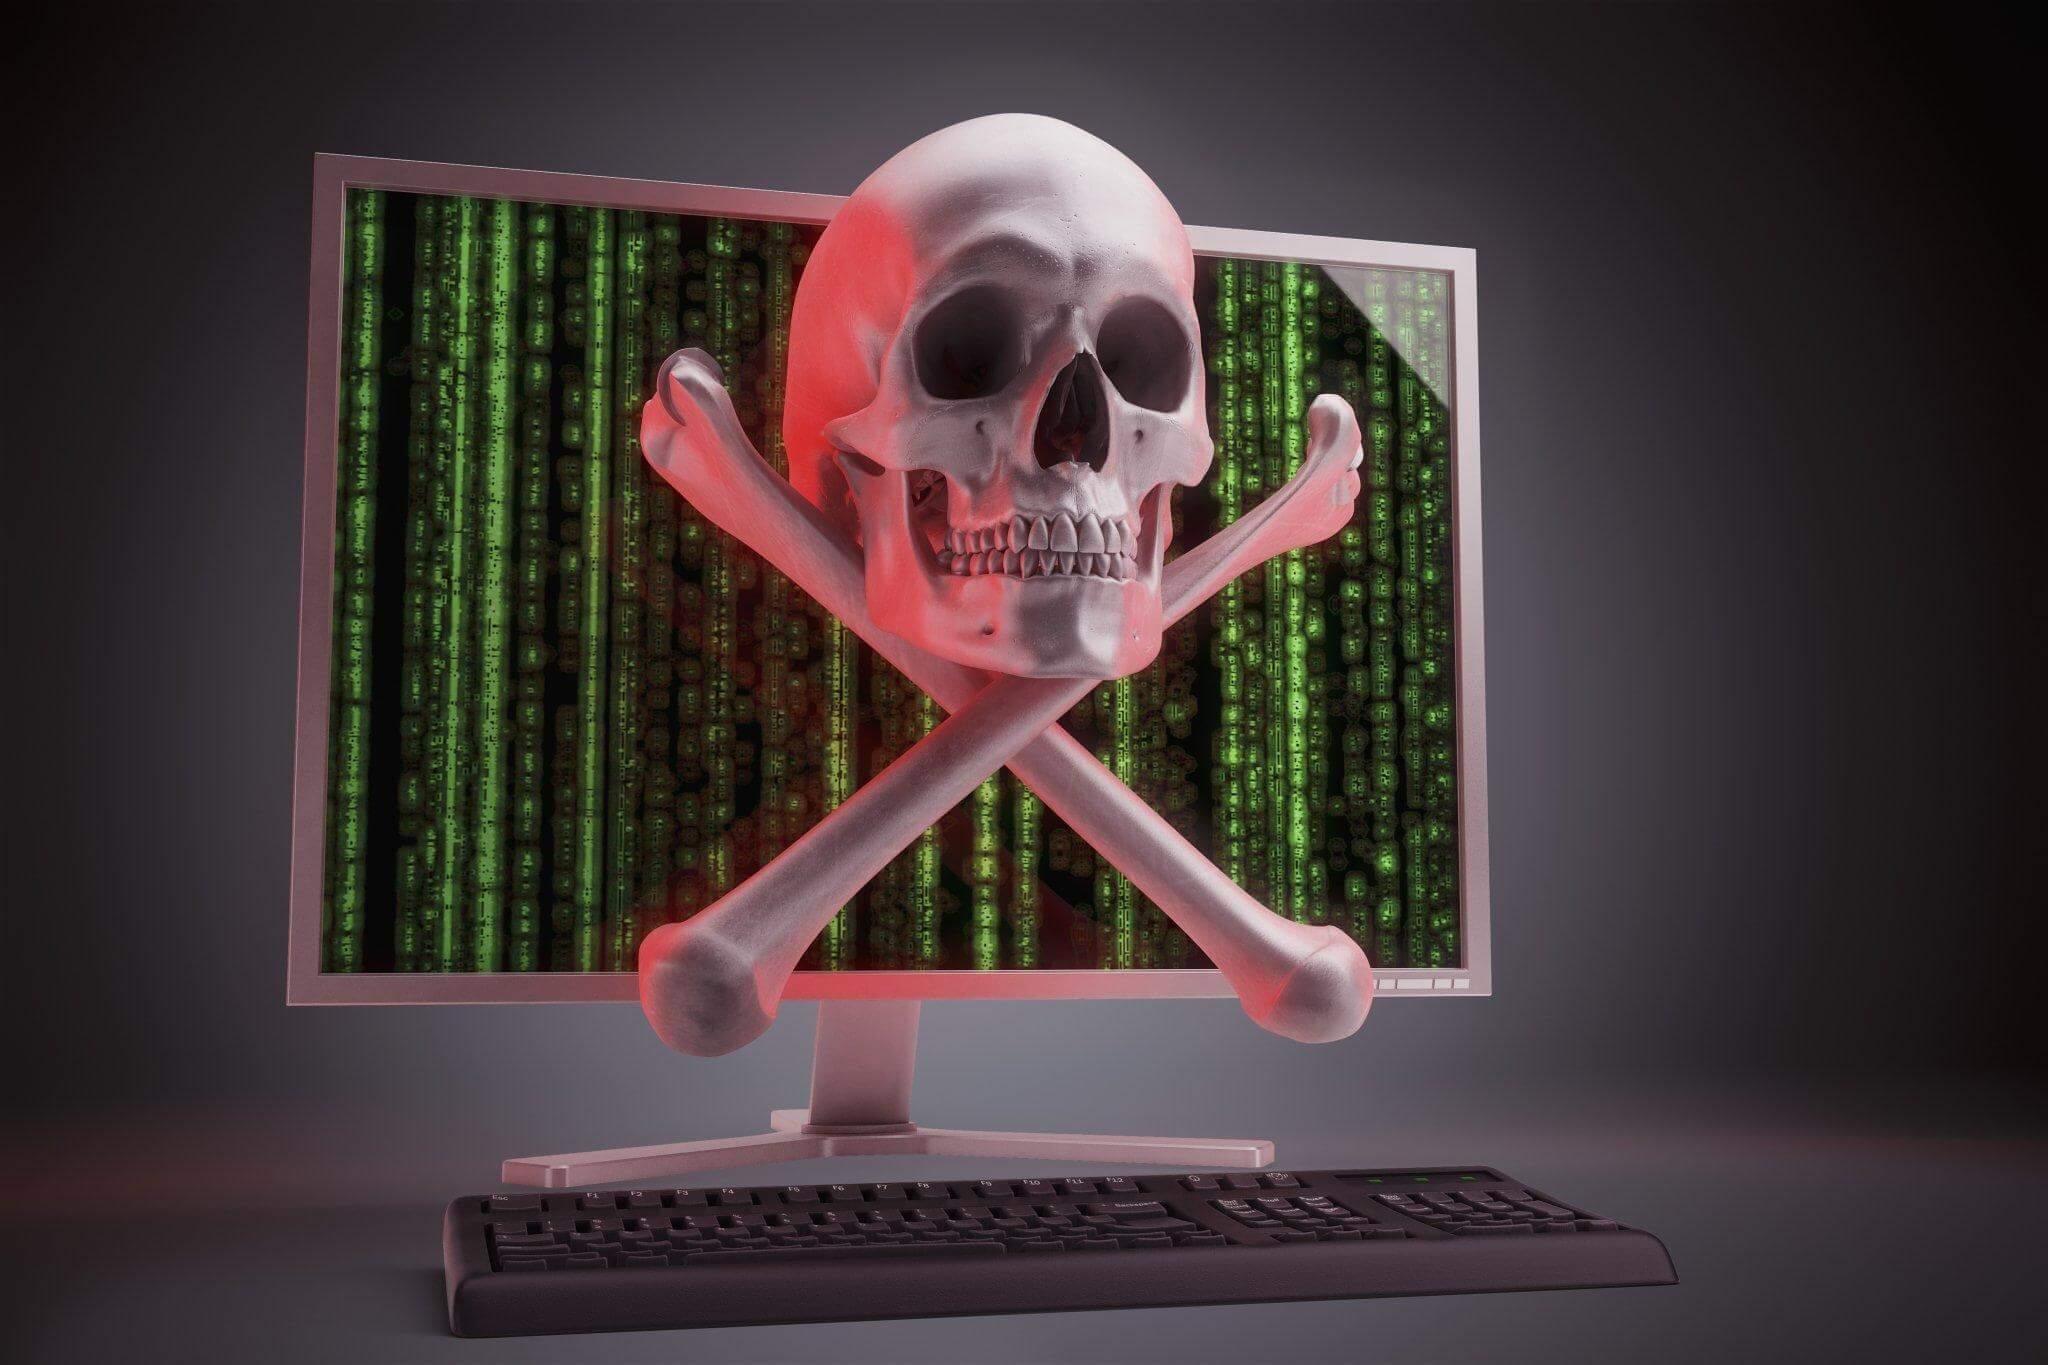 Удаление разных типов вирусов с компьютера